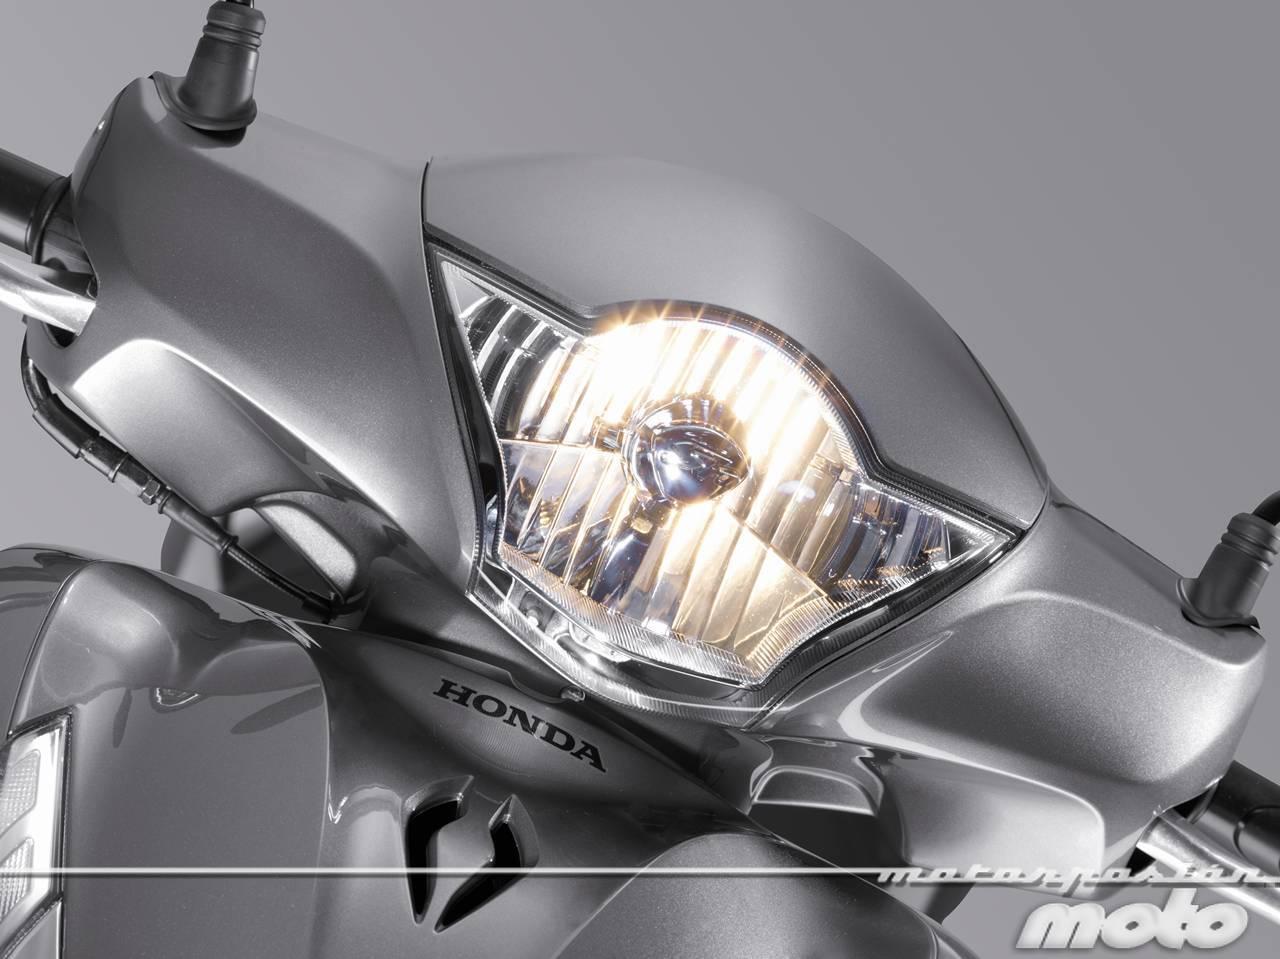 Foto de Honda Scoopy SH125i 2013, prueba (valoración, galería y ficha técnica)  - Fotos Detalles (75/81)